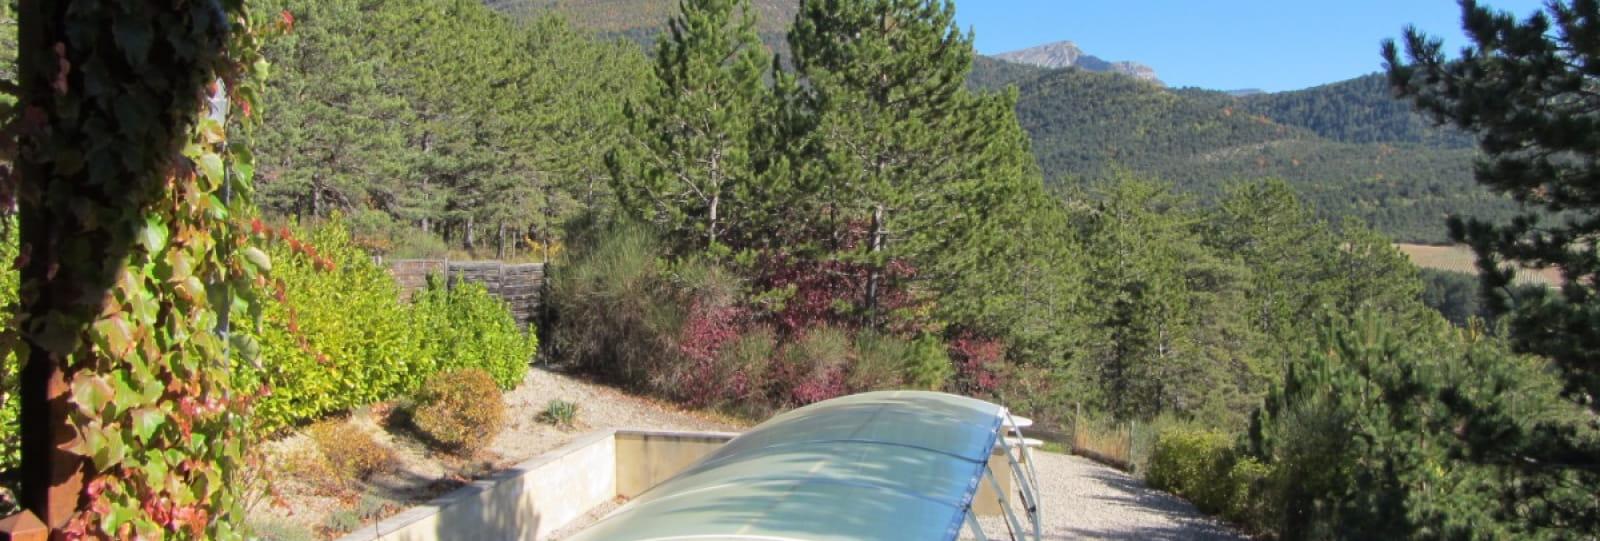 Vue sur la piscine depuis la terrasse